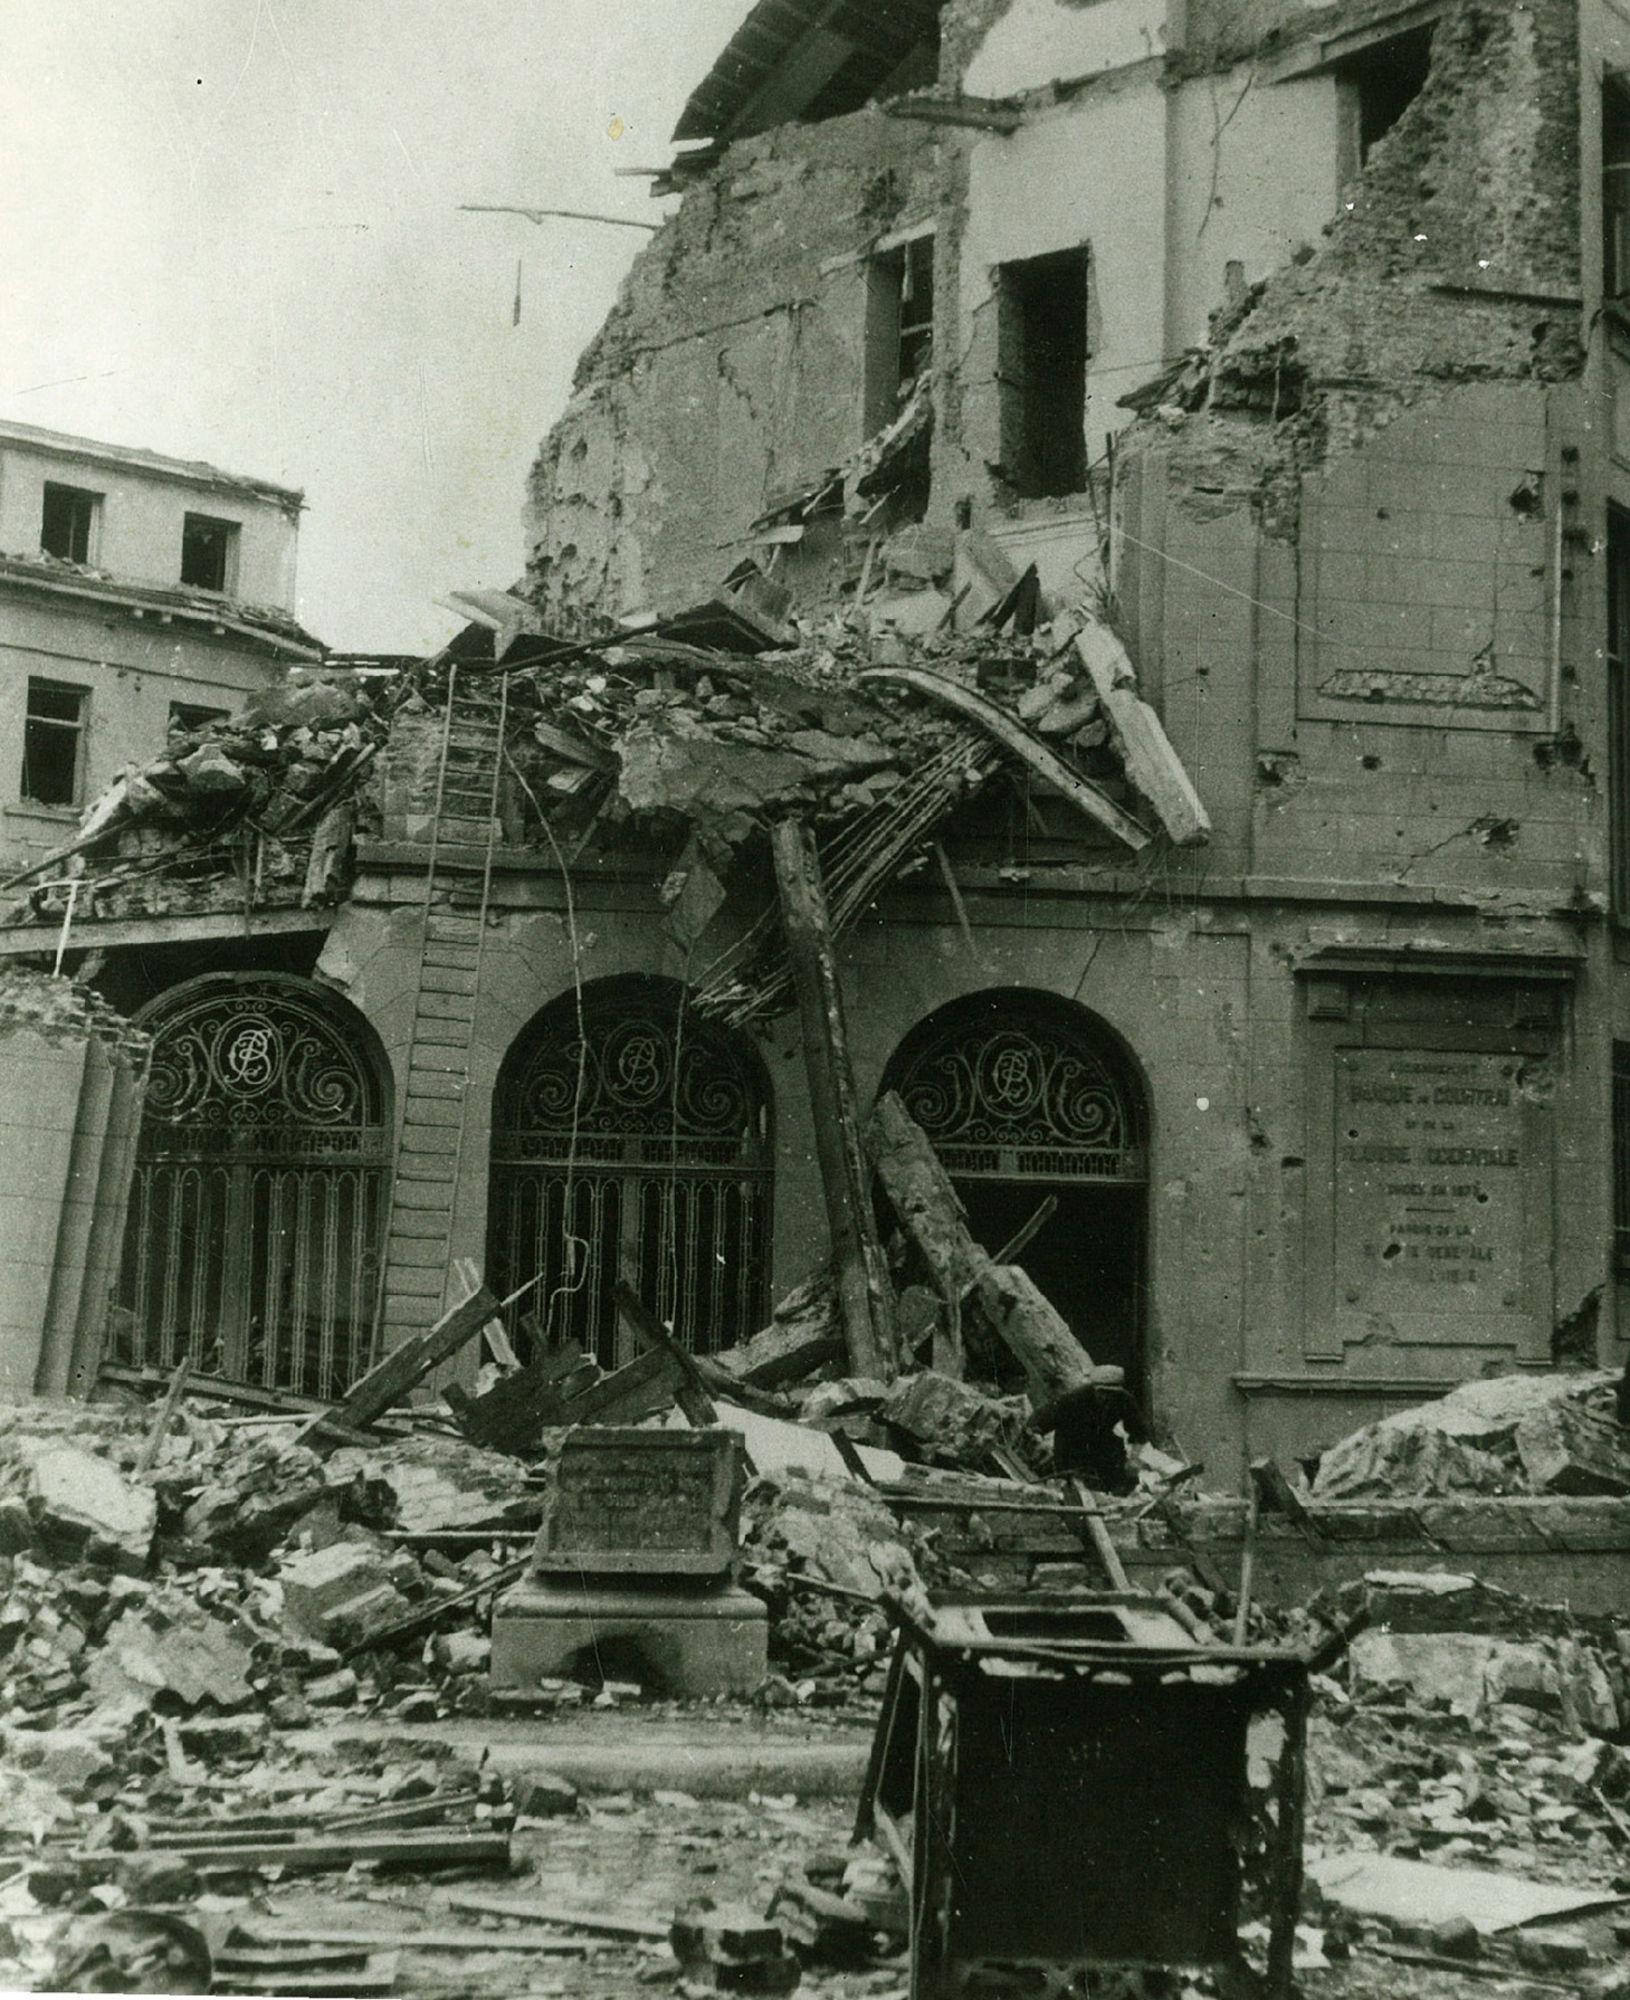 Puinen van de Generale Bank in 1944